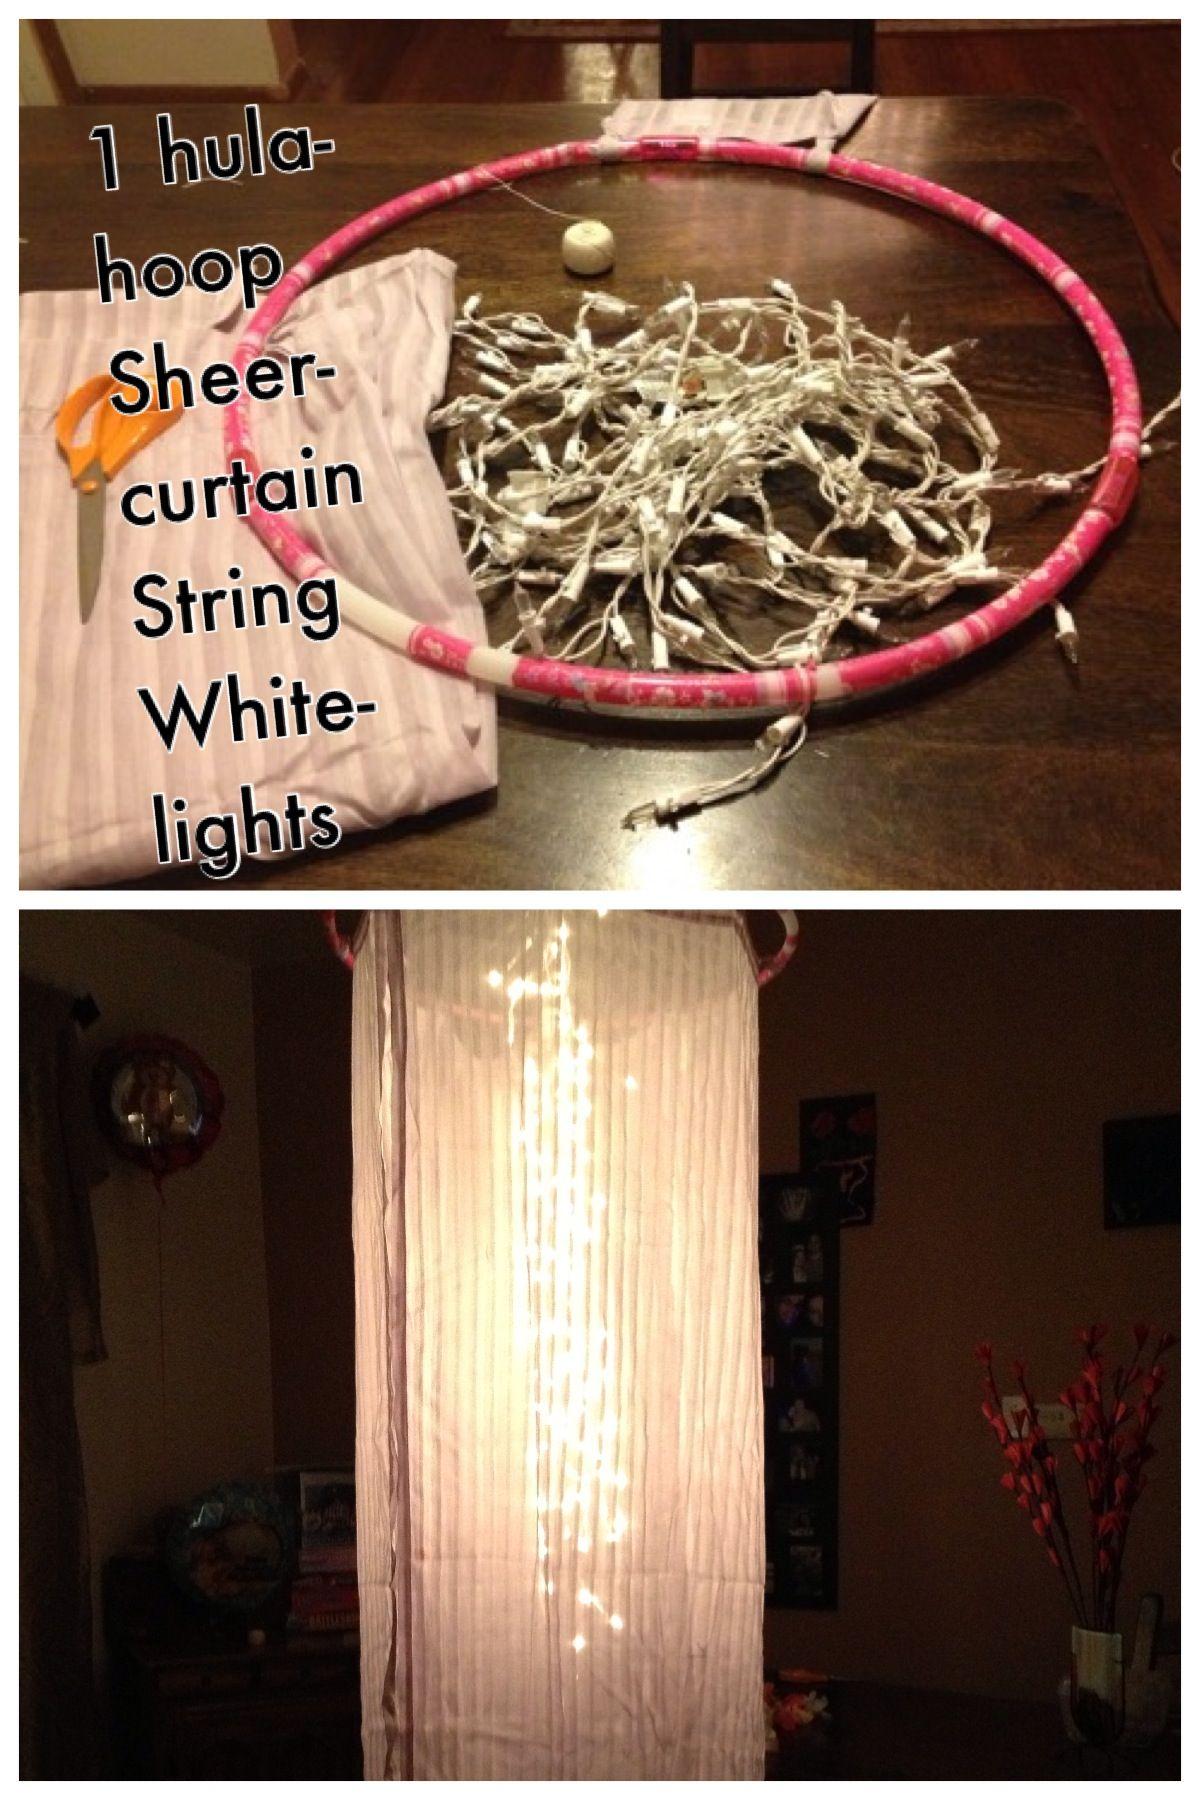 Fabrique su propia cortina luminosa con un aro y guirlandas de Navidad.